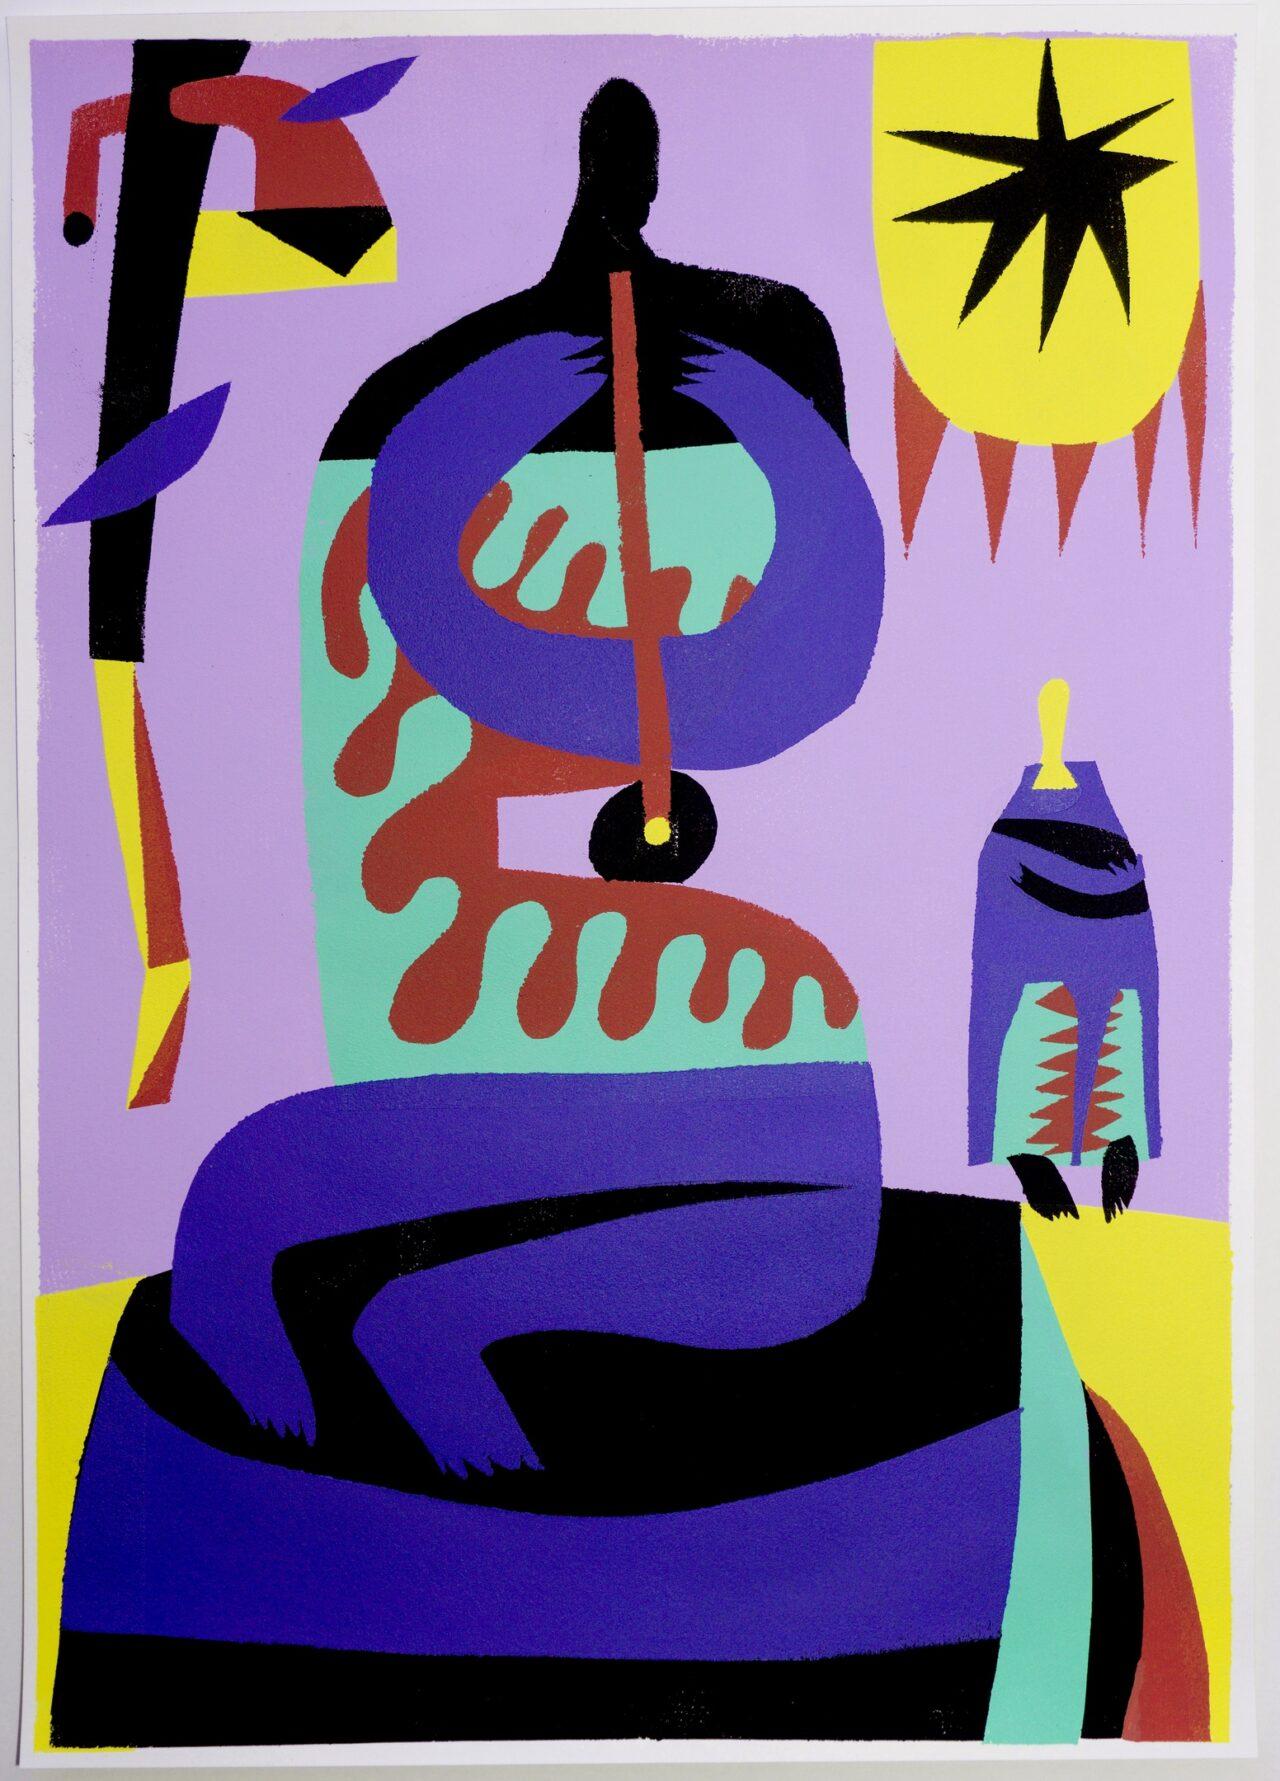 Александр Бирук. Пришел послушать одинокого музыканта-отшельника. 2020. Бумага, акрил, техника ручной трафаретной печати. 30 х 42 см.